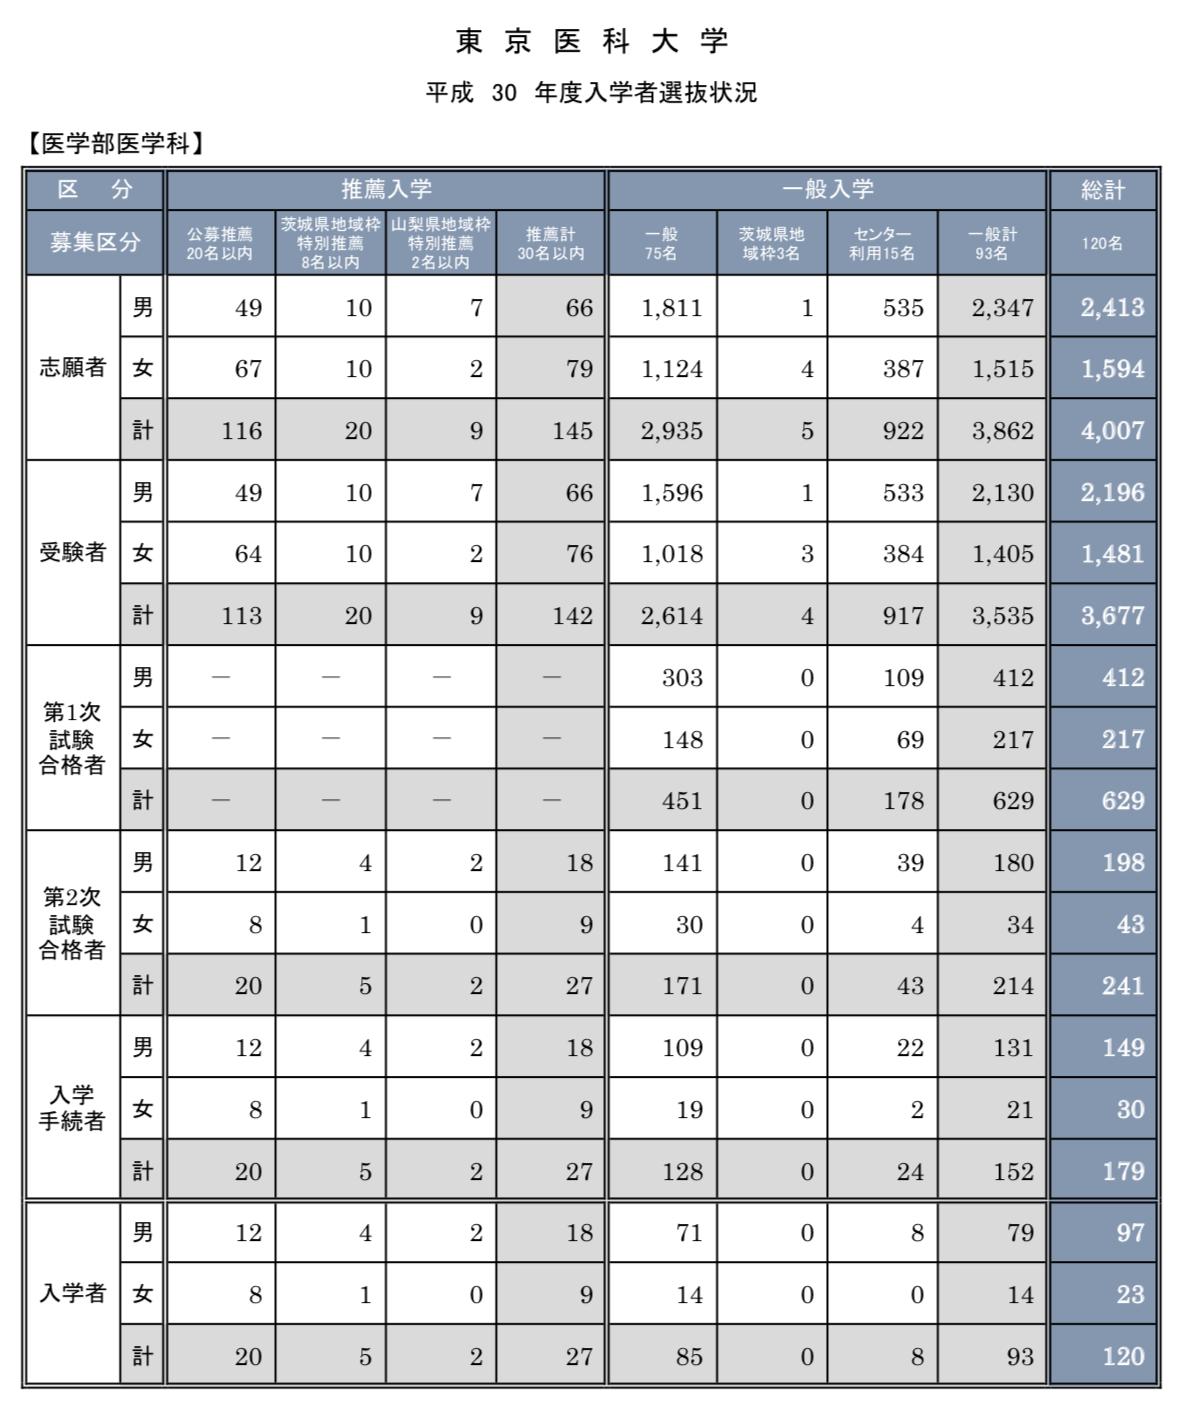 東京医科大学と東京工業大学の男女比を比べてみた